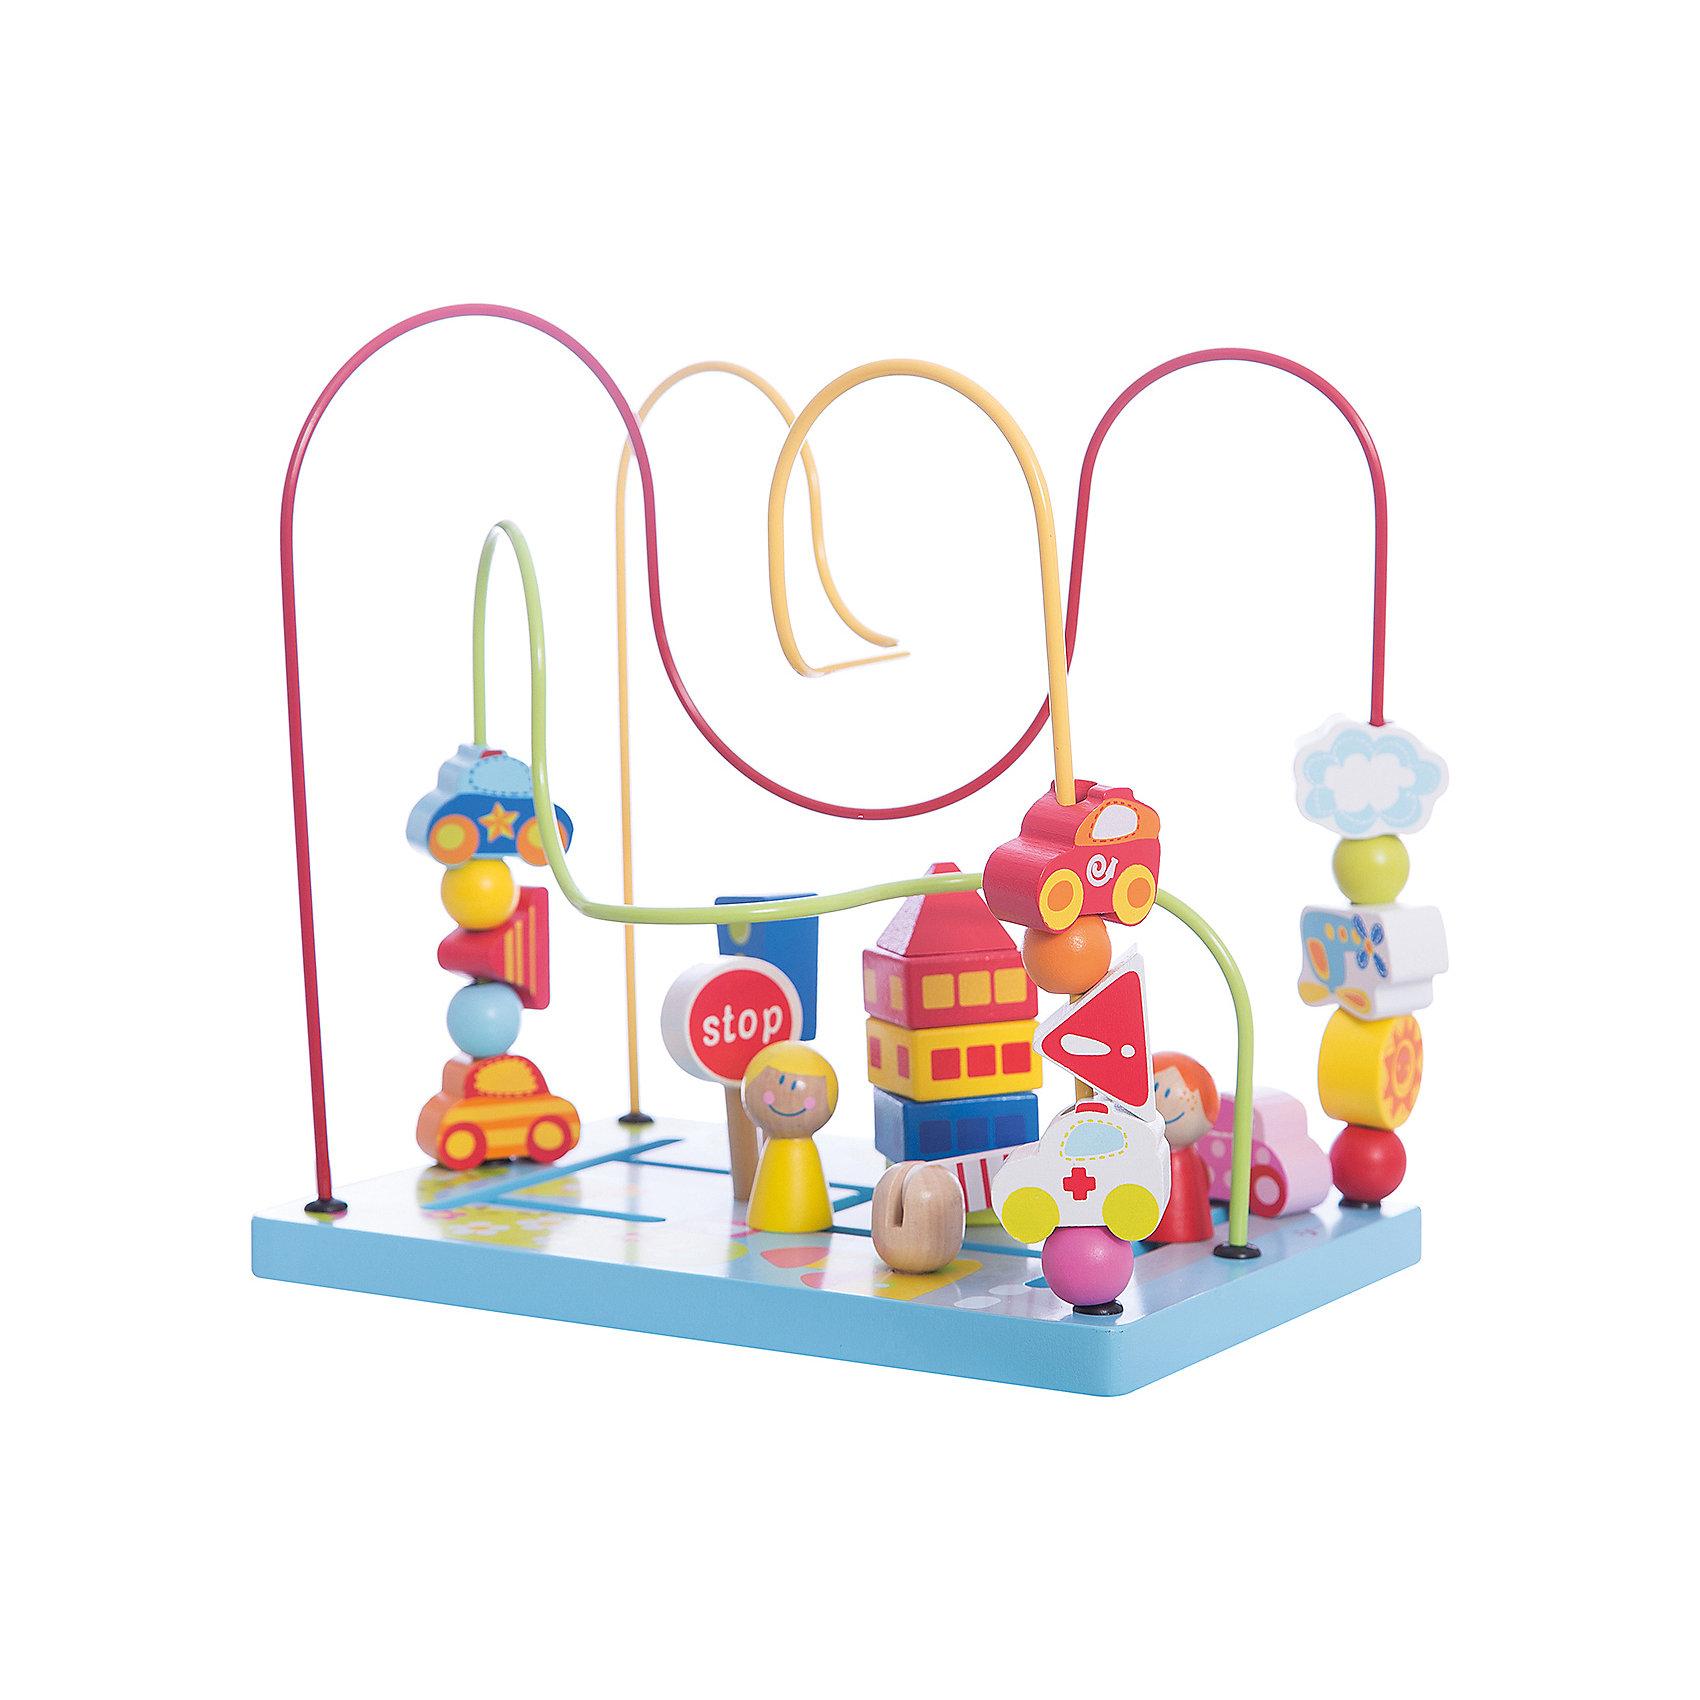 Сортер-лабиринт Шоссе Classic WorldДеревянные игрушки<br>Характеристики:<br><br>• возраст: от 1 года<br>• размер сортера: 27х27х25 см.<br>• материал: дерево, МДФ, сталь<br>• размер упаковки: 28,5х28,5х21 см.<br>• вес: 1,2 кг.<br><br>Сортер- лабиринт «Цветочные горки» поможет познакомить малыша с фигурами и формами, а также развить его пространственное мышление.<br><br>Нижняя часть игрушки выполнена в виде полянки. На основании вырезан лабиринт. По цветным проволокам, изогнутым под различными углами, можно передвигать различные яркие приятные на ощупь фигурки. Во время игры ребенок учится анализировать: как сделать так, чтобы фигурка с одного конца лабиринта переместилась на другой, а также, чтобы нанизанные на проволоку детали не столкнулись между собой.<br><br>Игрушка изготовлена из высококачественных материалов.<br><br>Сортер-лабиринт «Цветочные горки Classic World можно купить в нашем интернет-магазине.<br><br>Ширина мм: 285<br>Глубина мм: 285<br>Высота мм: 210<br>Вес г: 1200<br>Возраст от месяцев: 12<br>Возраст до месяцев: 2147483647<br>Пол: Унисекс<br>Возраст: Детский<br>SKU: 7044534